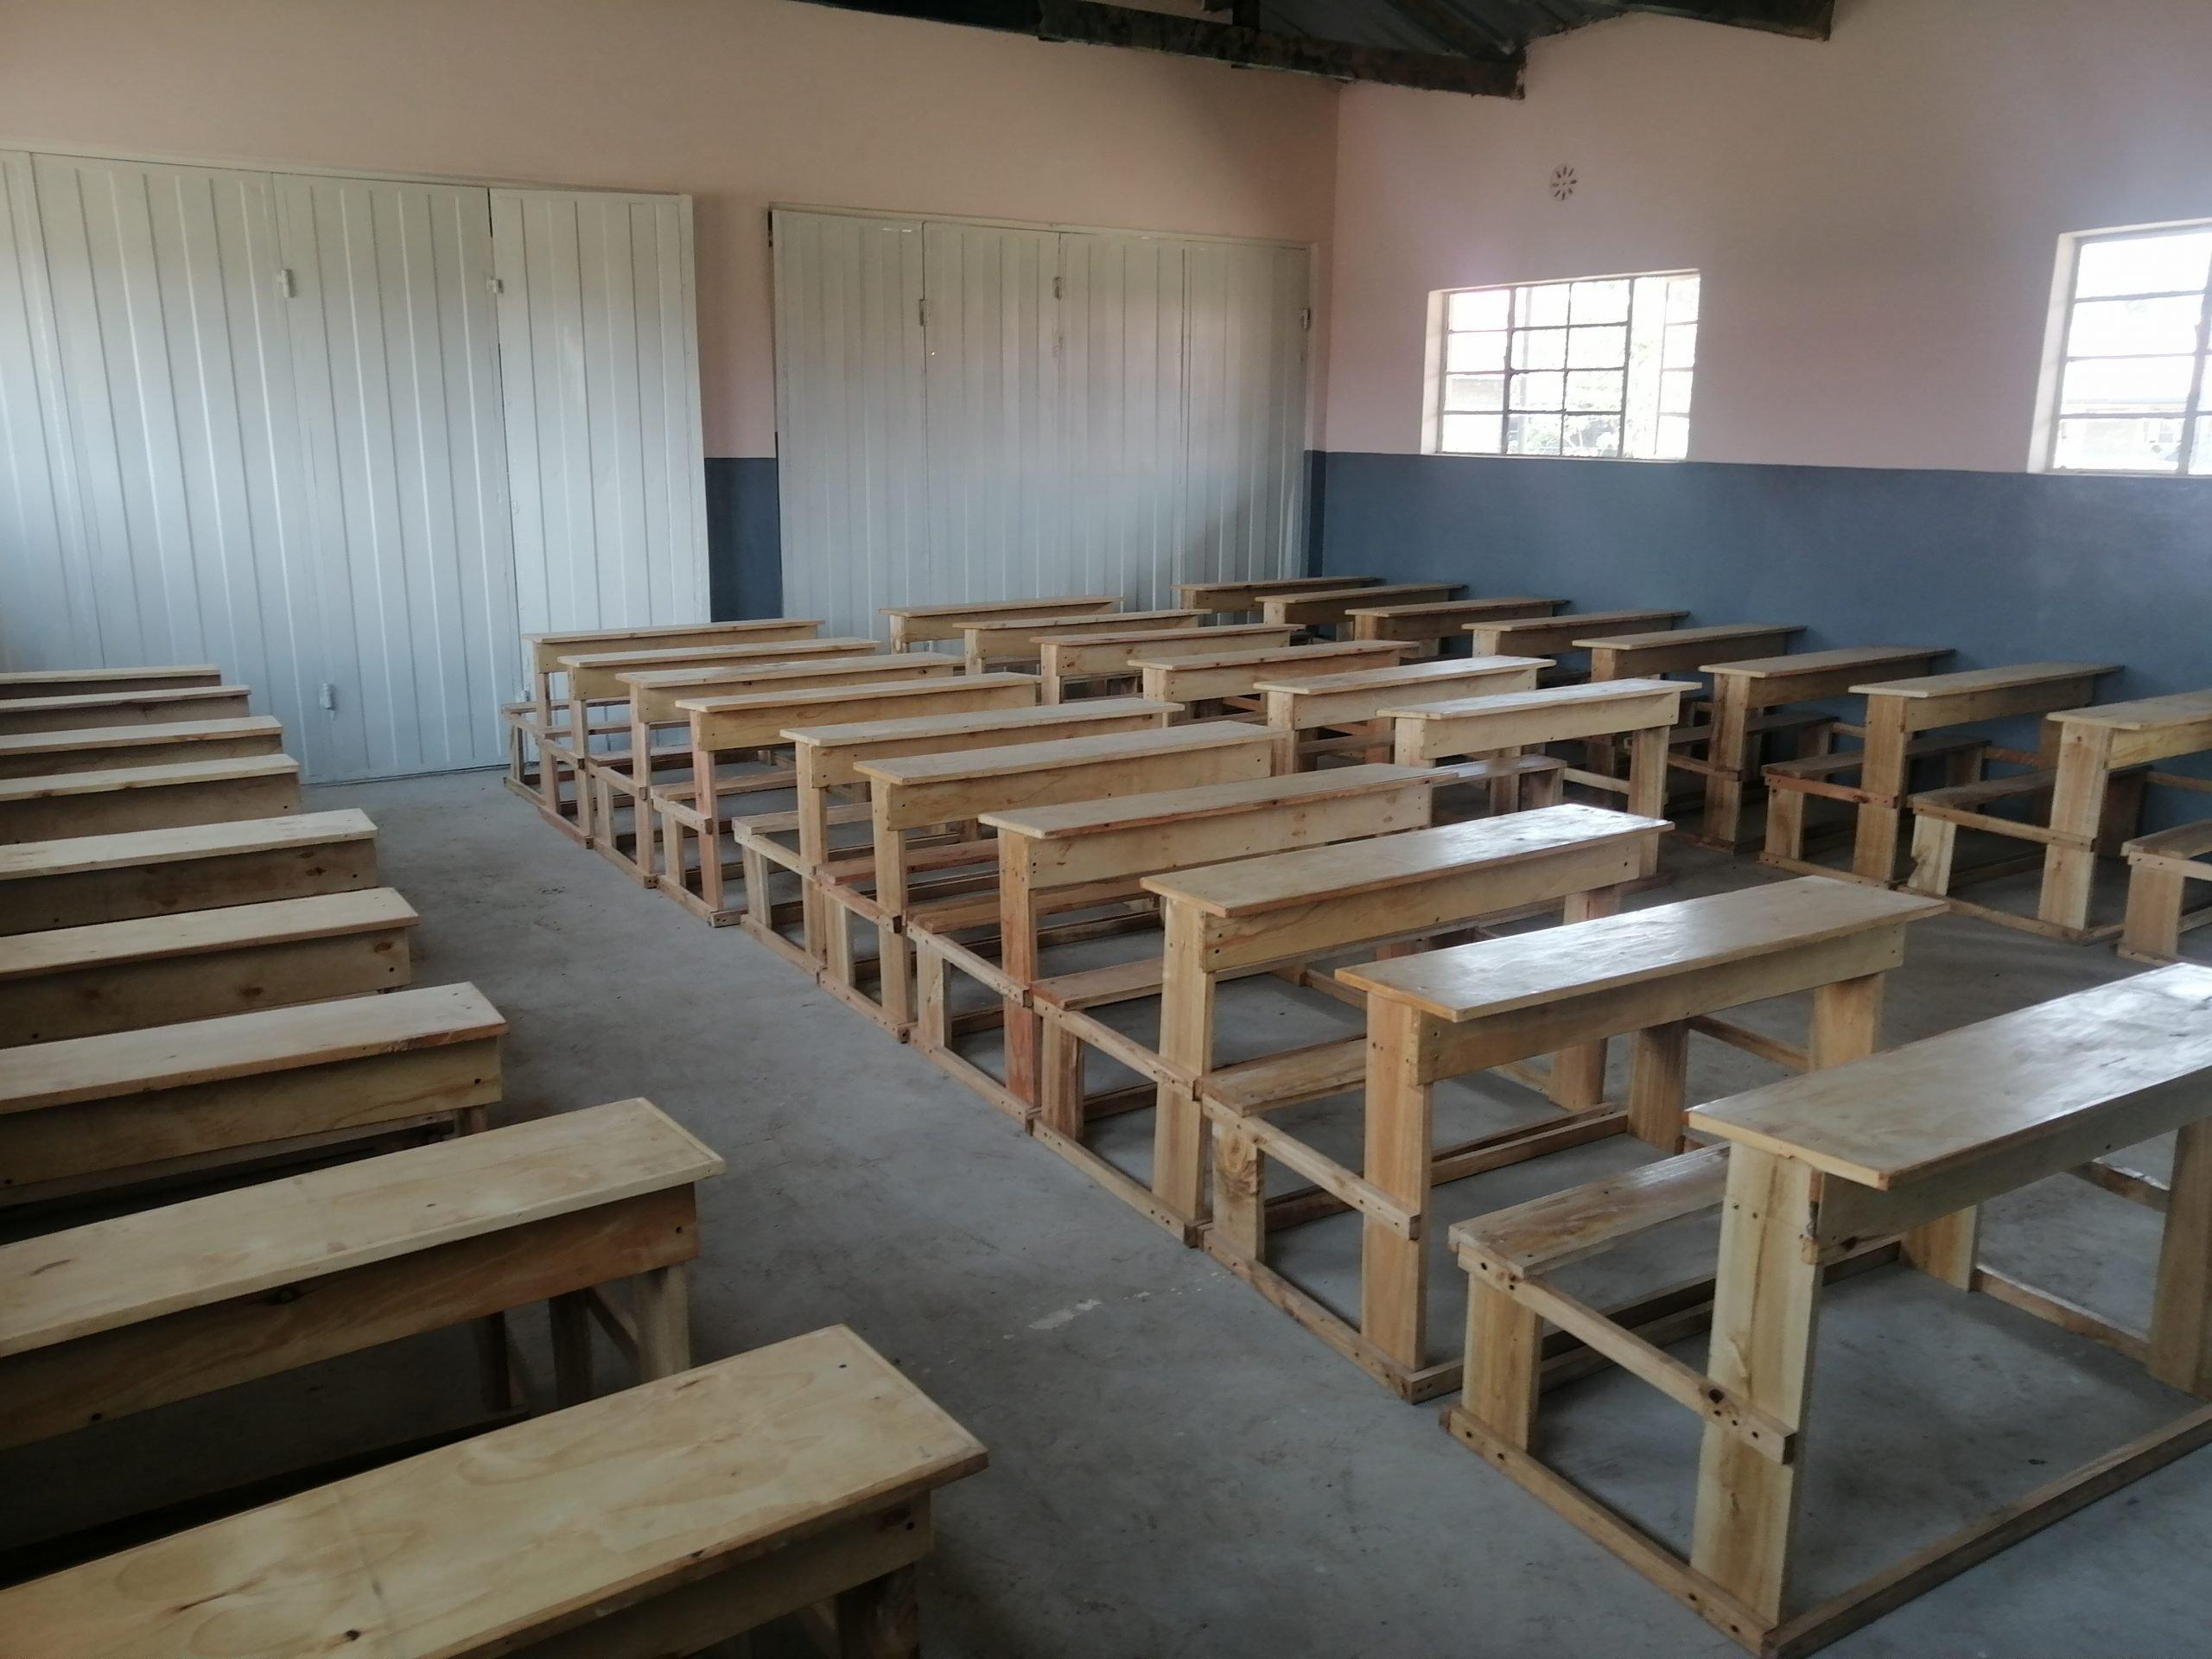 School Desk Project